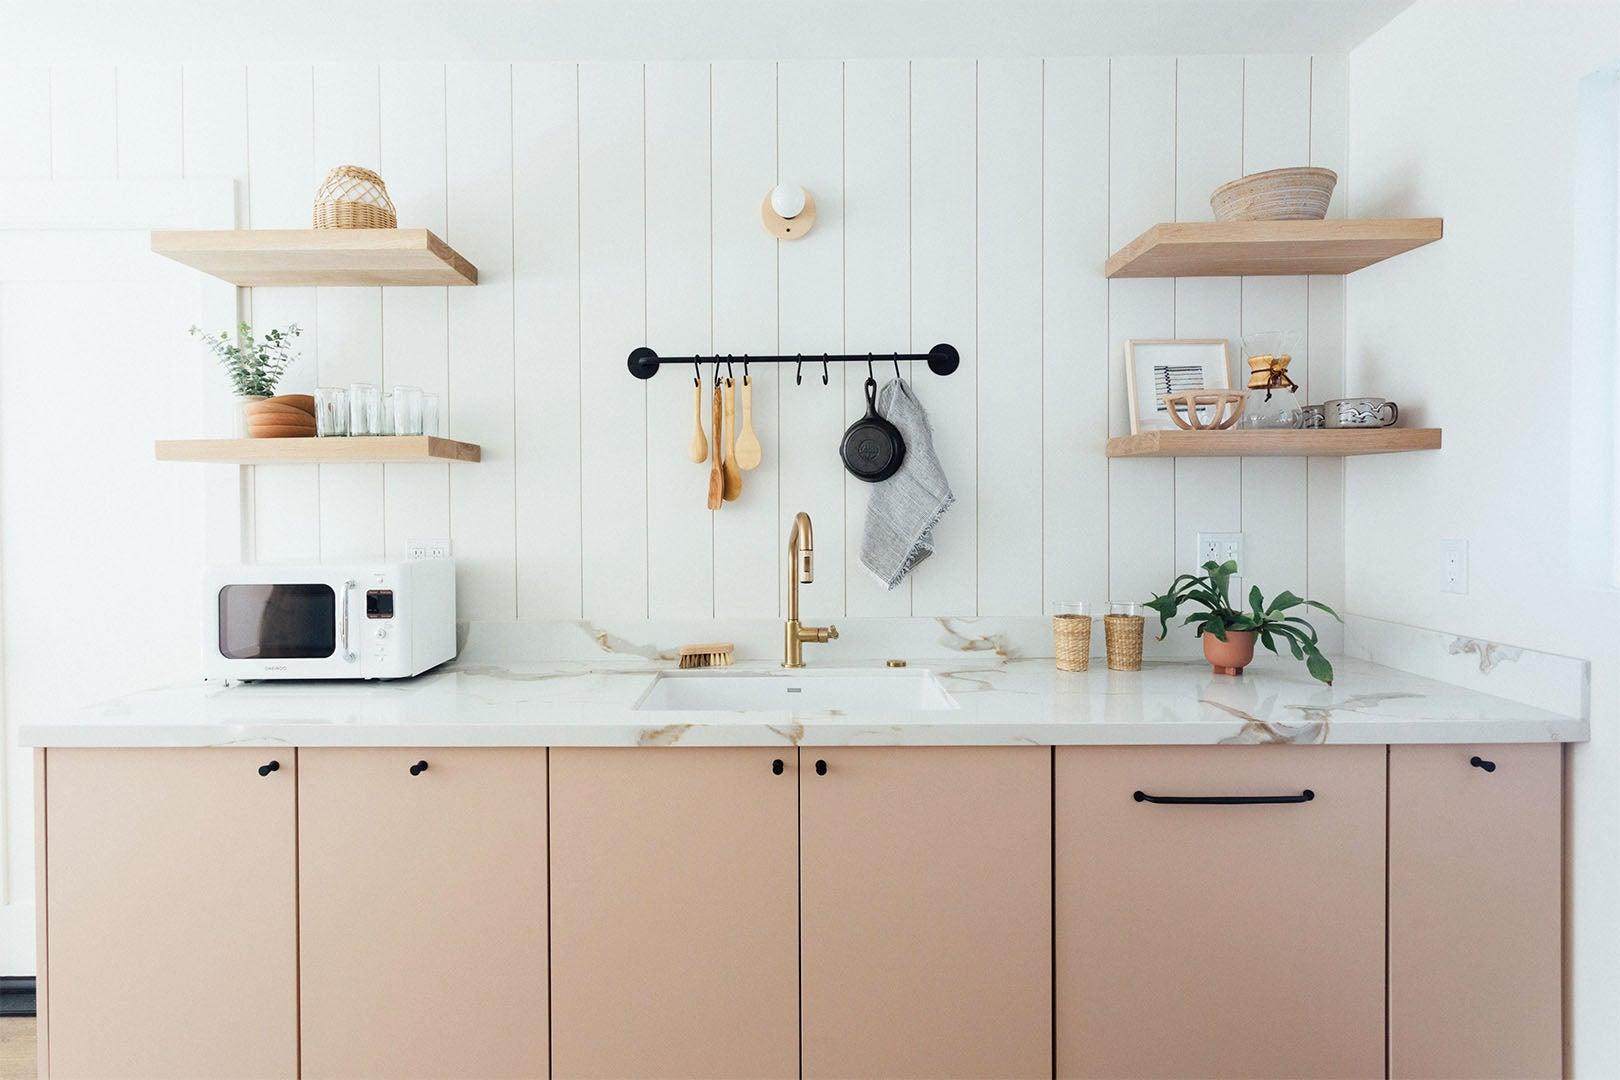 natural wood cabinets and shiplap backsplash